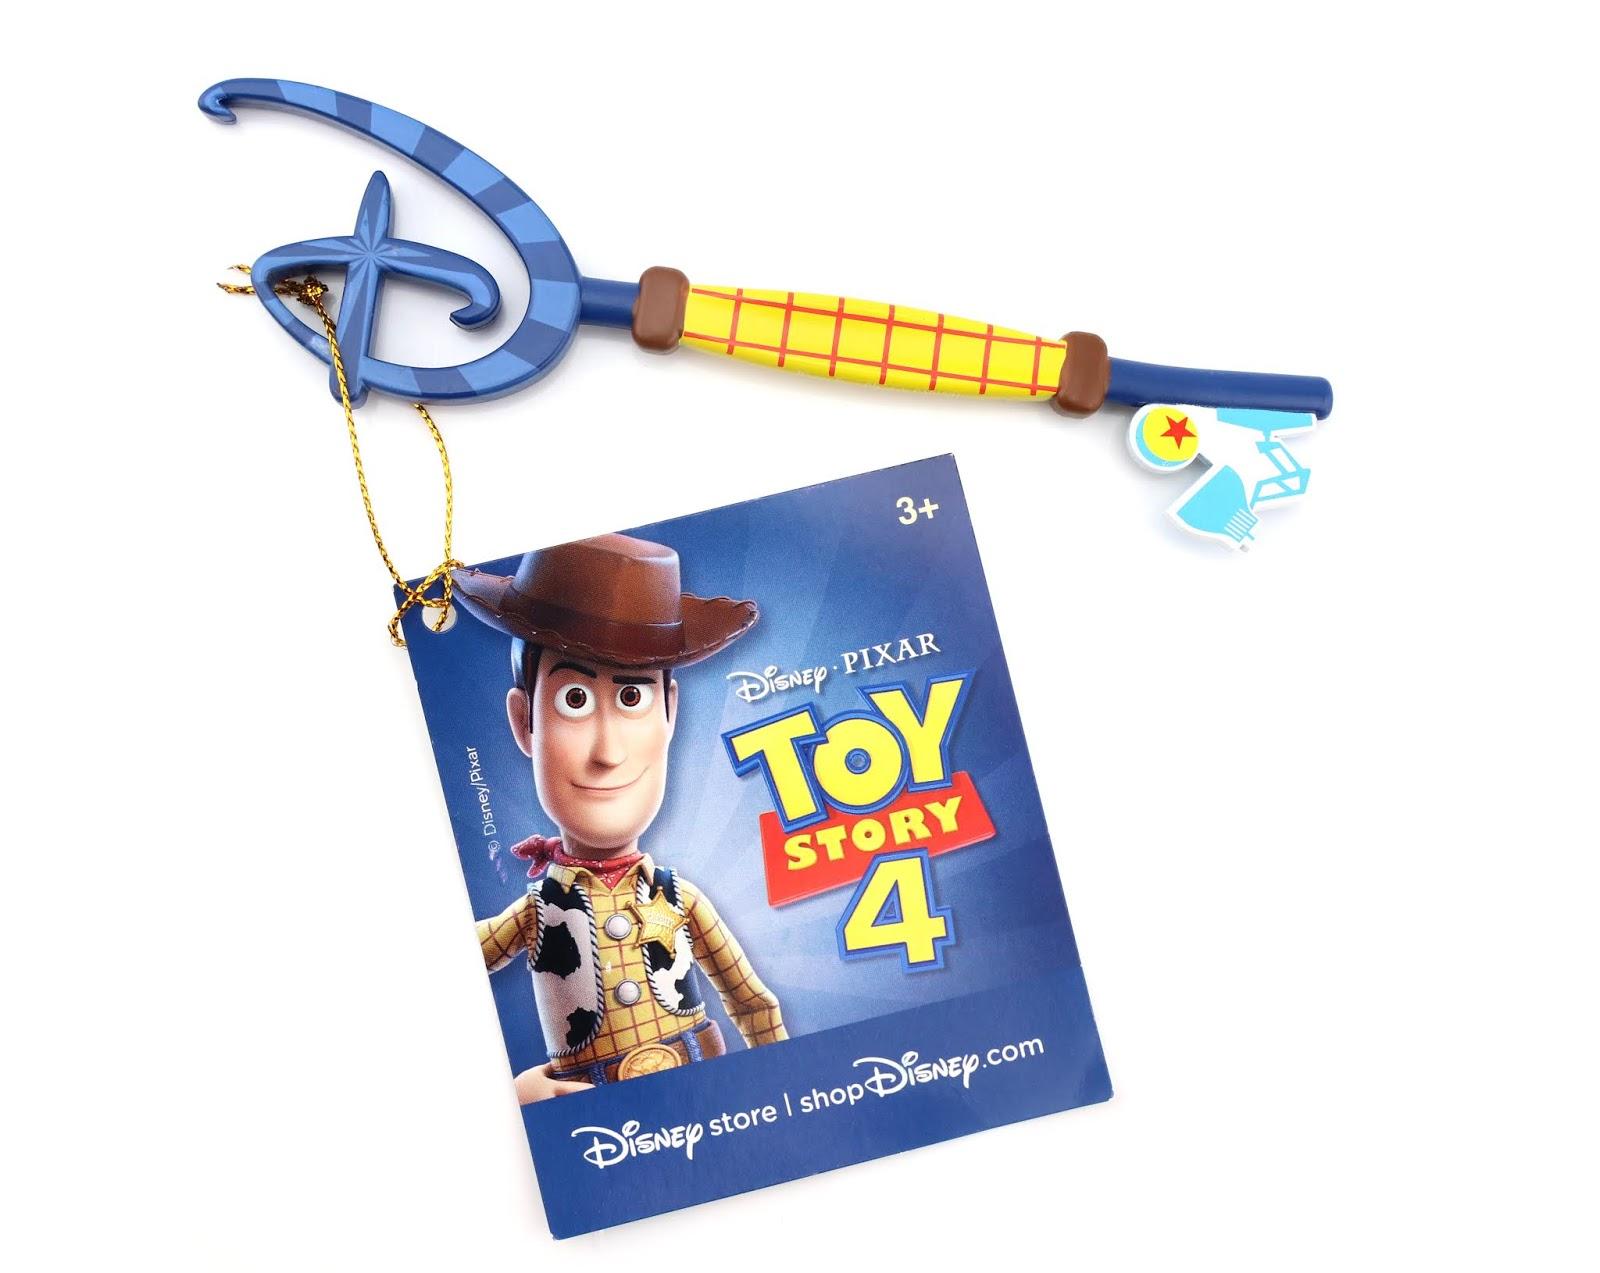 Disney Store Toy Story 4 Opening Ceremony Key